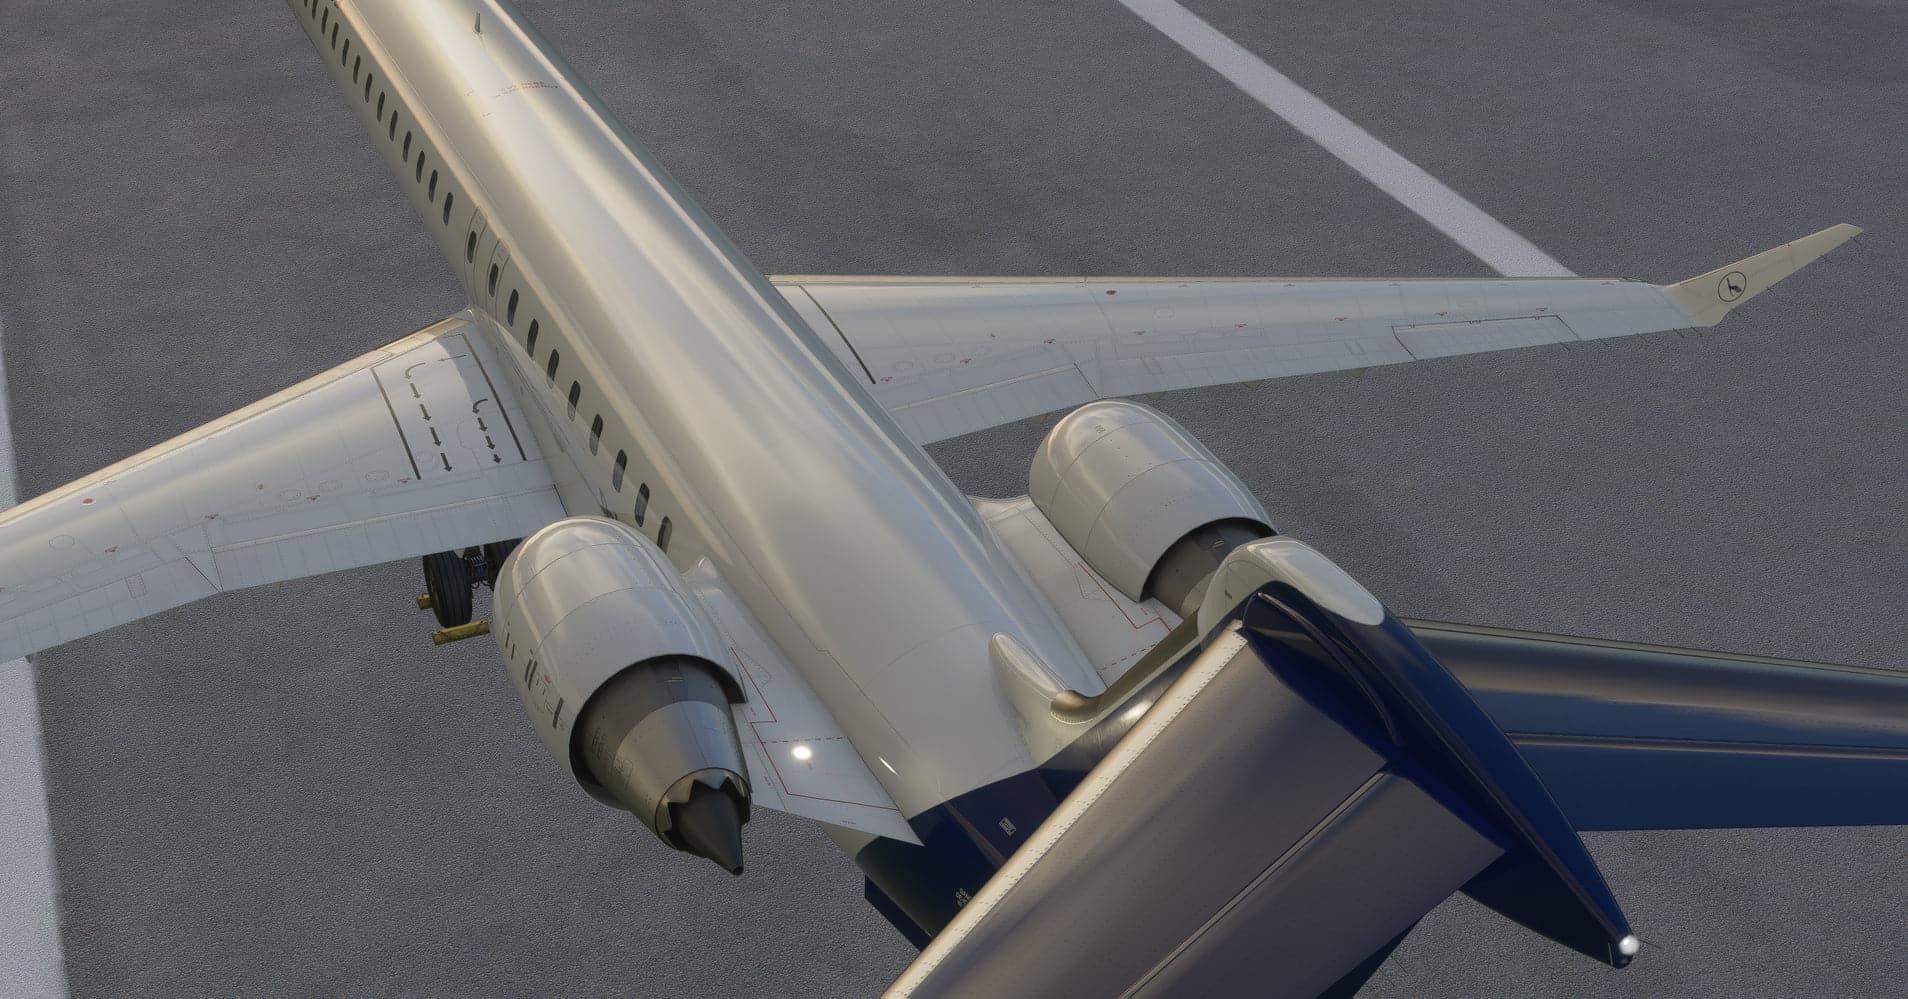 Aerosoft – CRJ 900/1000 Preview for MSFS